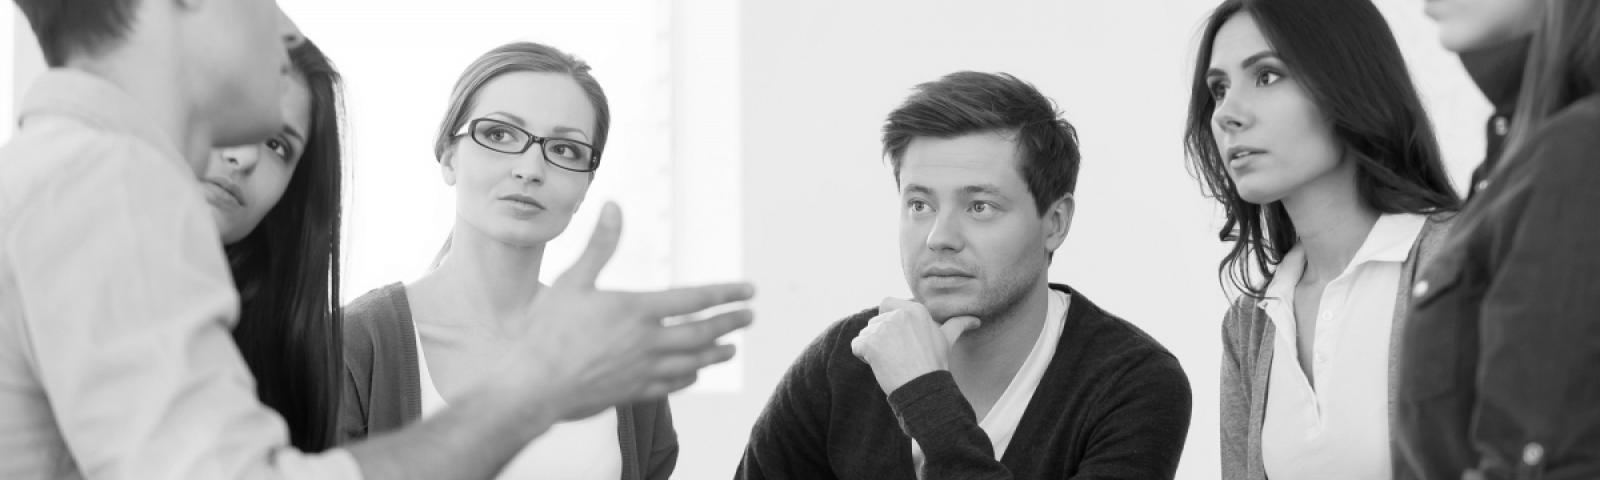 Психология общения - You know, It's all between us - Ты знаешь, это между нами...